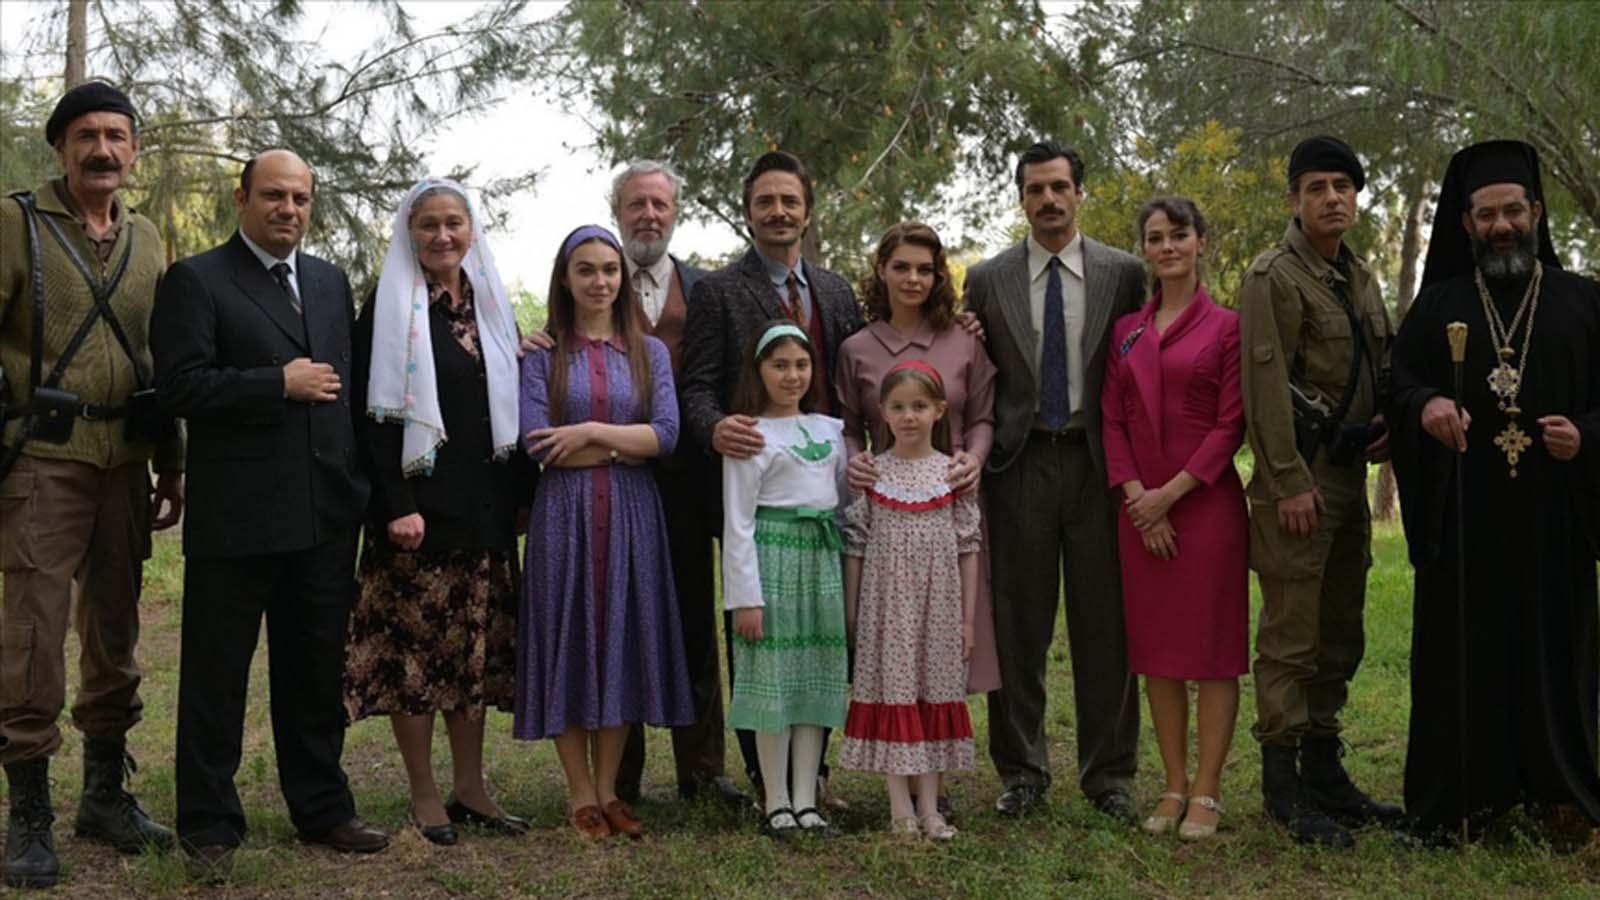 Bir Zamanlar Kıbrıs 1. bölüm full izle |TRT 1 Bir Zamanlar Kıbrıs ilk bölüm full izle